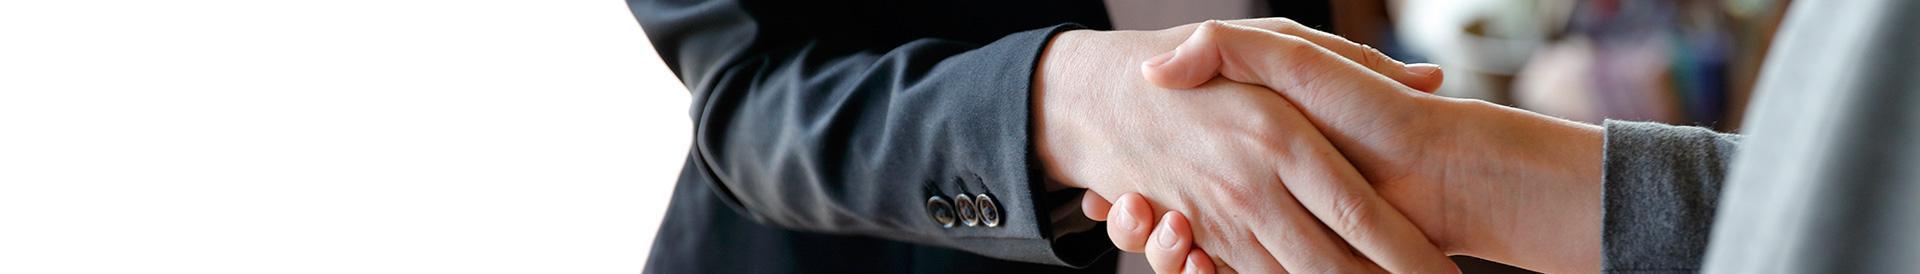 Uścisk dłoni